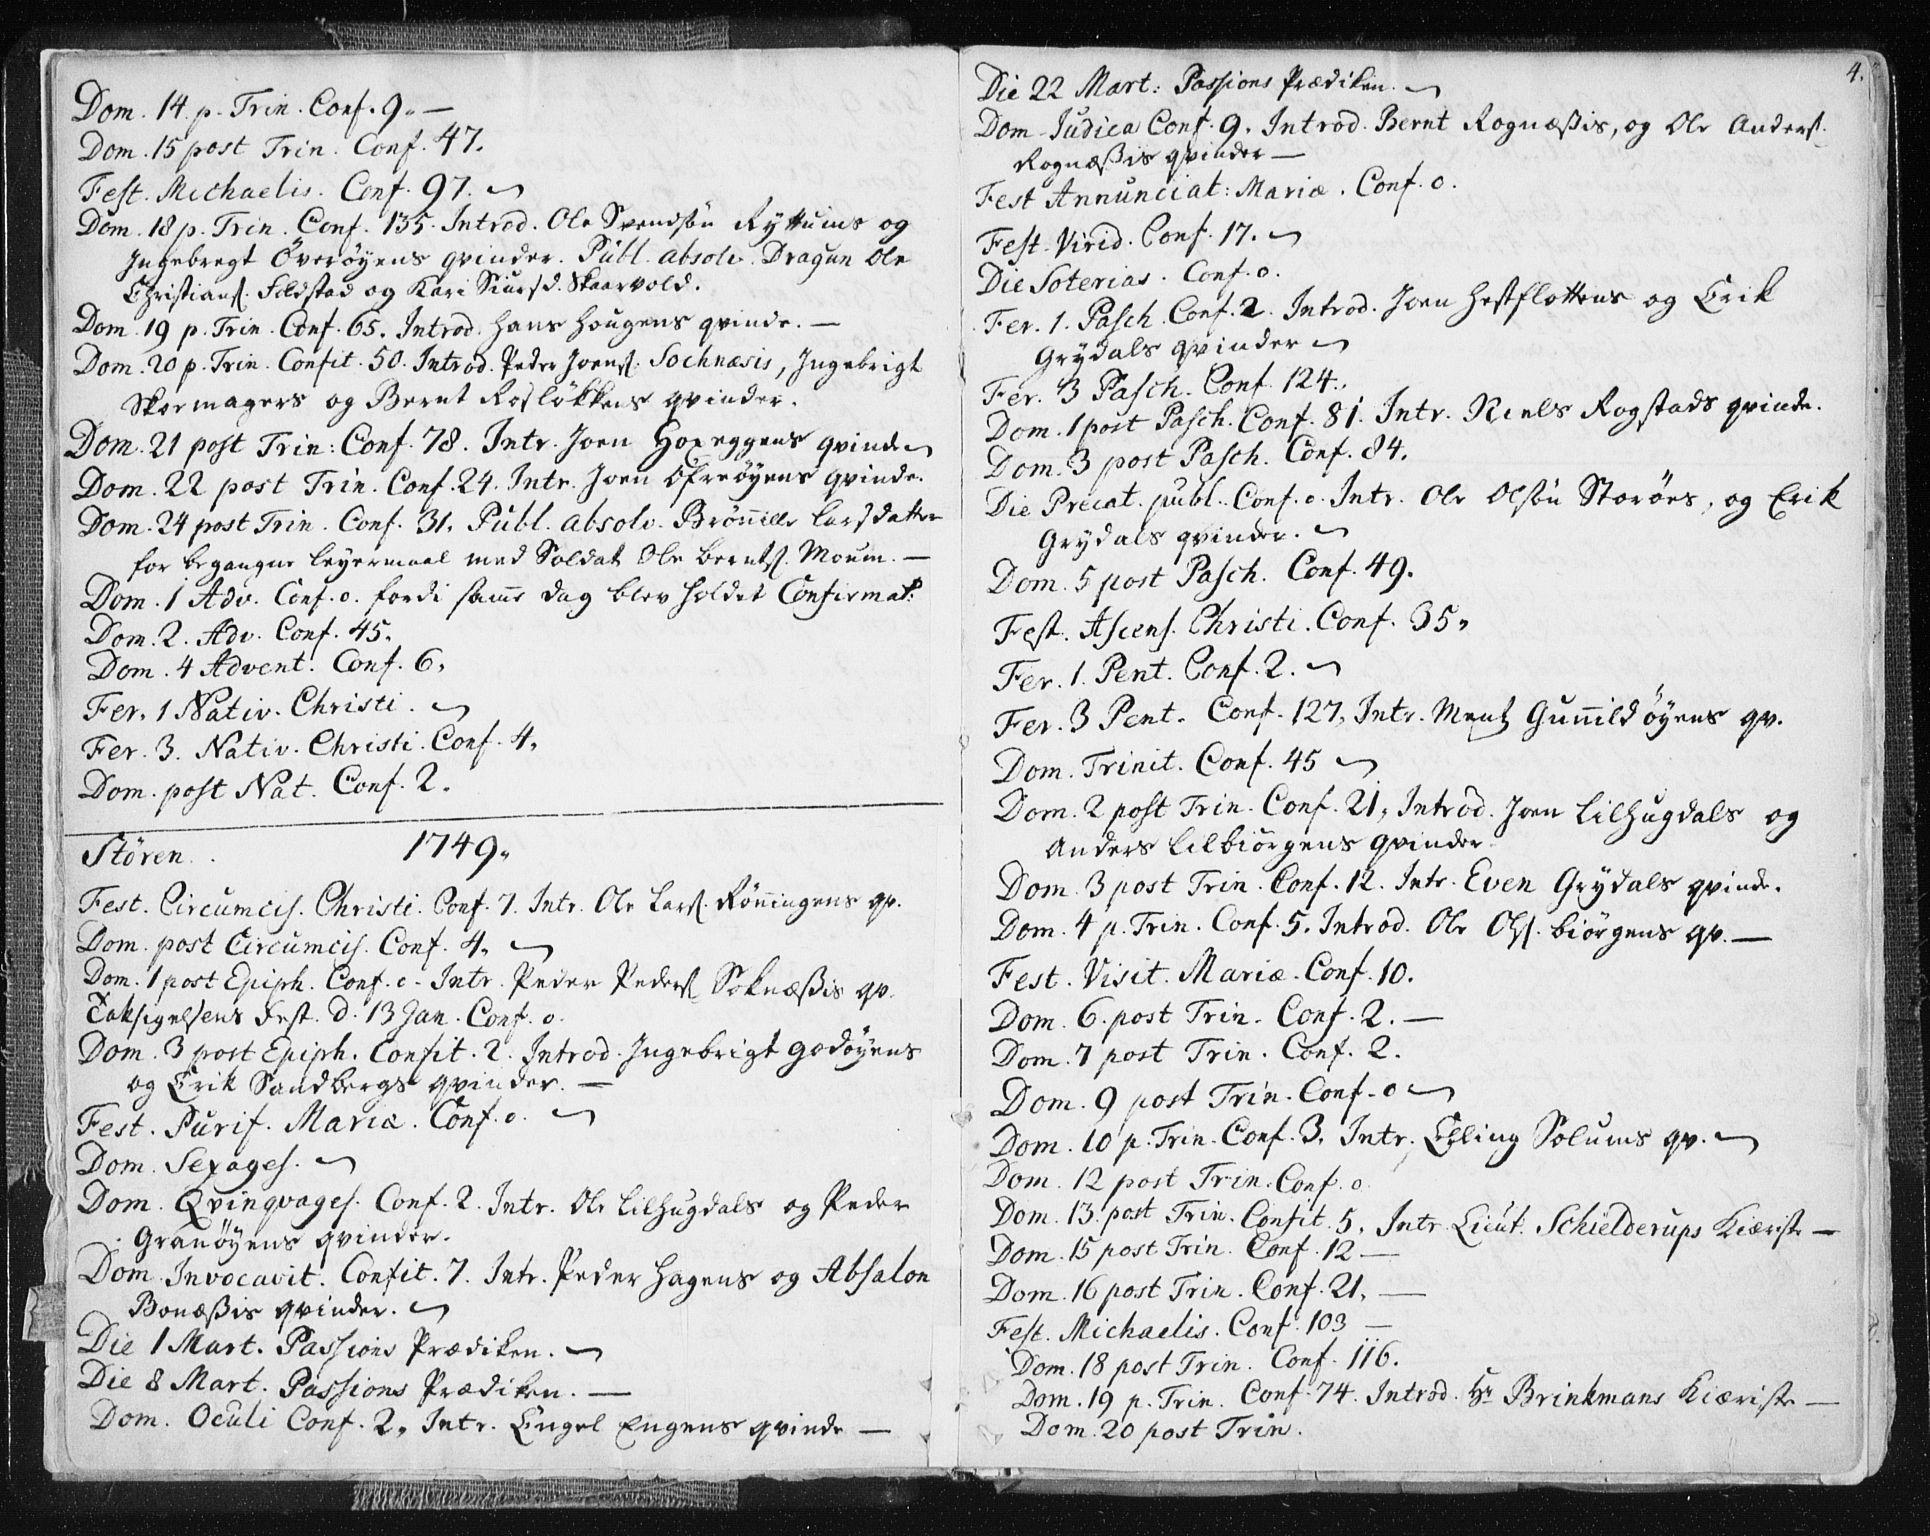 SAT, Ministerialprotokoller, klokkerbøker og fødselsregistre - Sør-Trøndelag, 687/L0991: Ministerialbok nr. 687A02, 1747-1790, s. 4